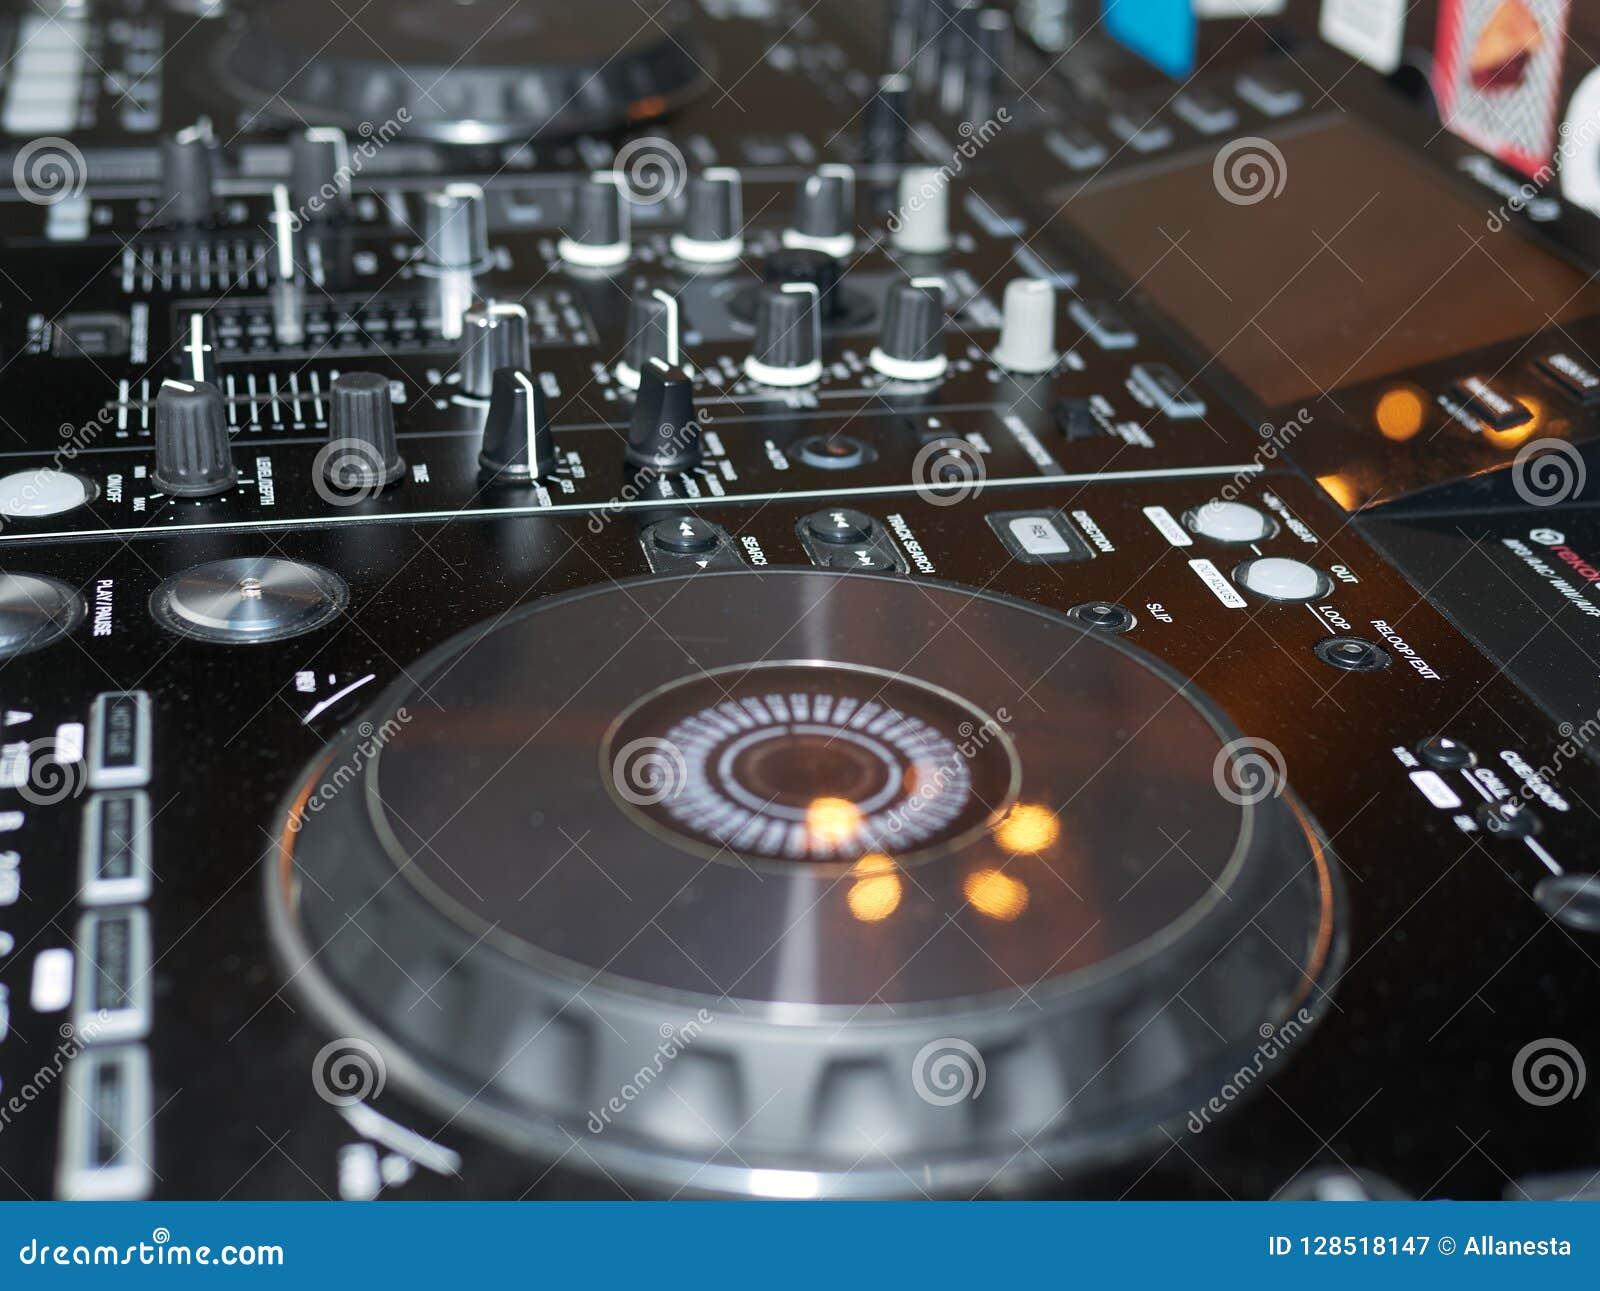 Η υγιής λεπτομέρεια κονσολών μίξης, κλείνει επάνω Επαγγελματική κονσόλα μουσικής του DJ Ευρεία φωτογραφία γωνίας του μαύρου υγιού